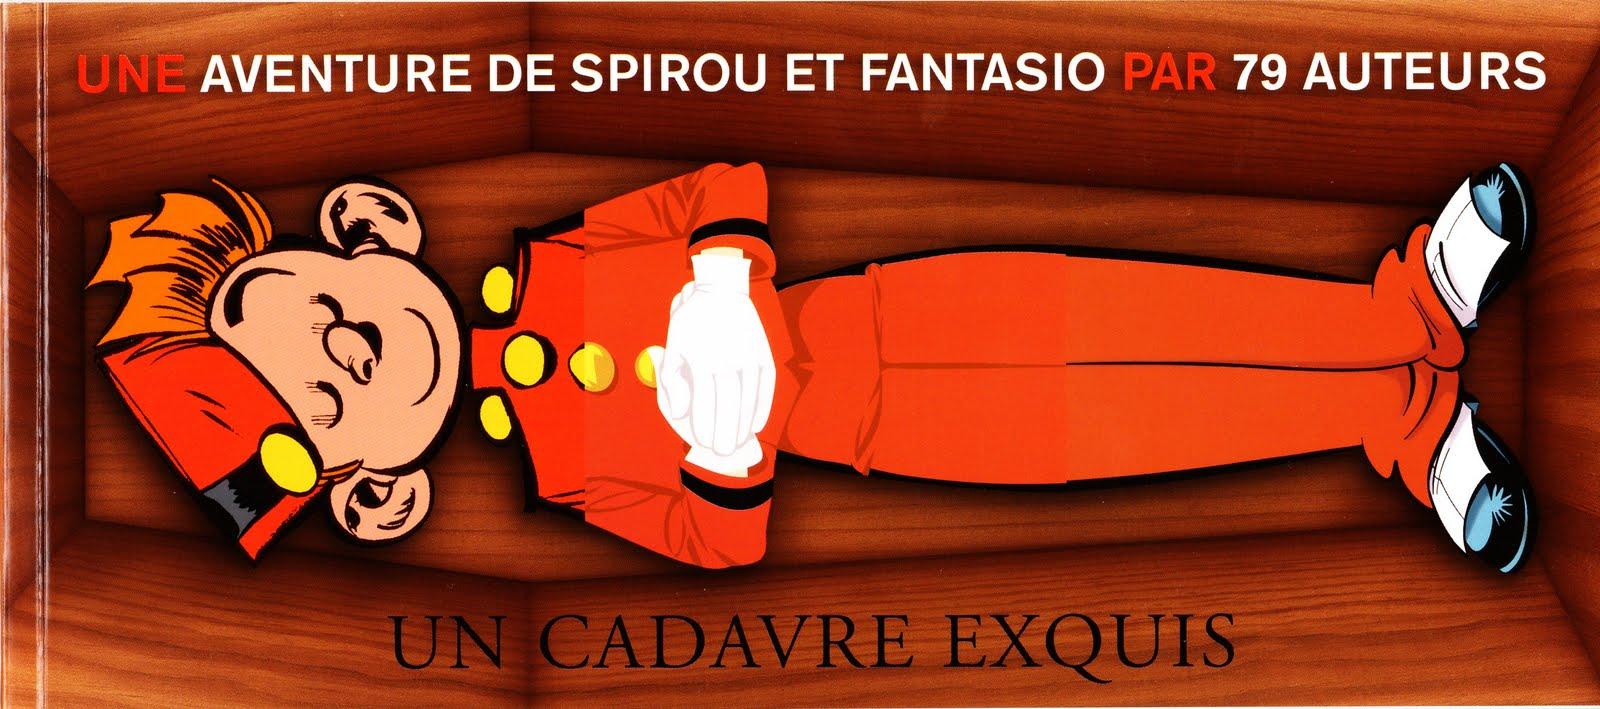 Cadavre_Exquis.jpg